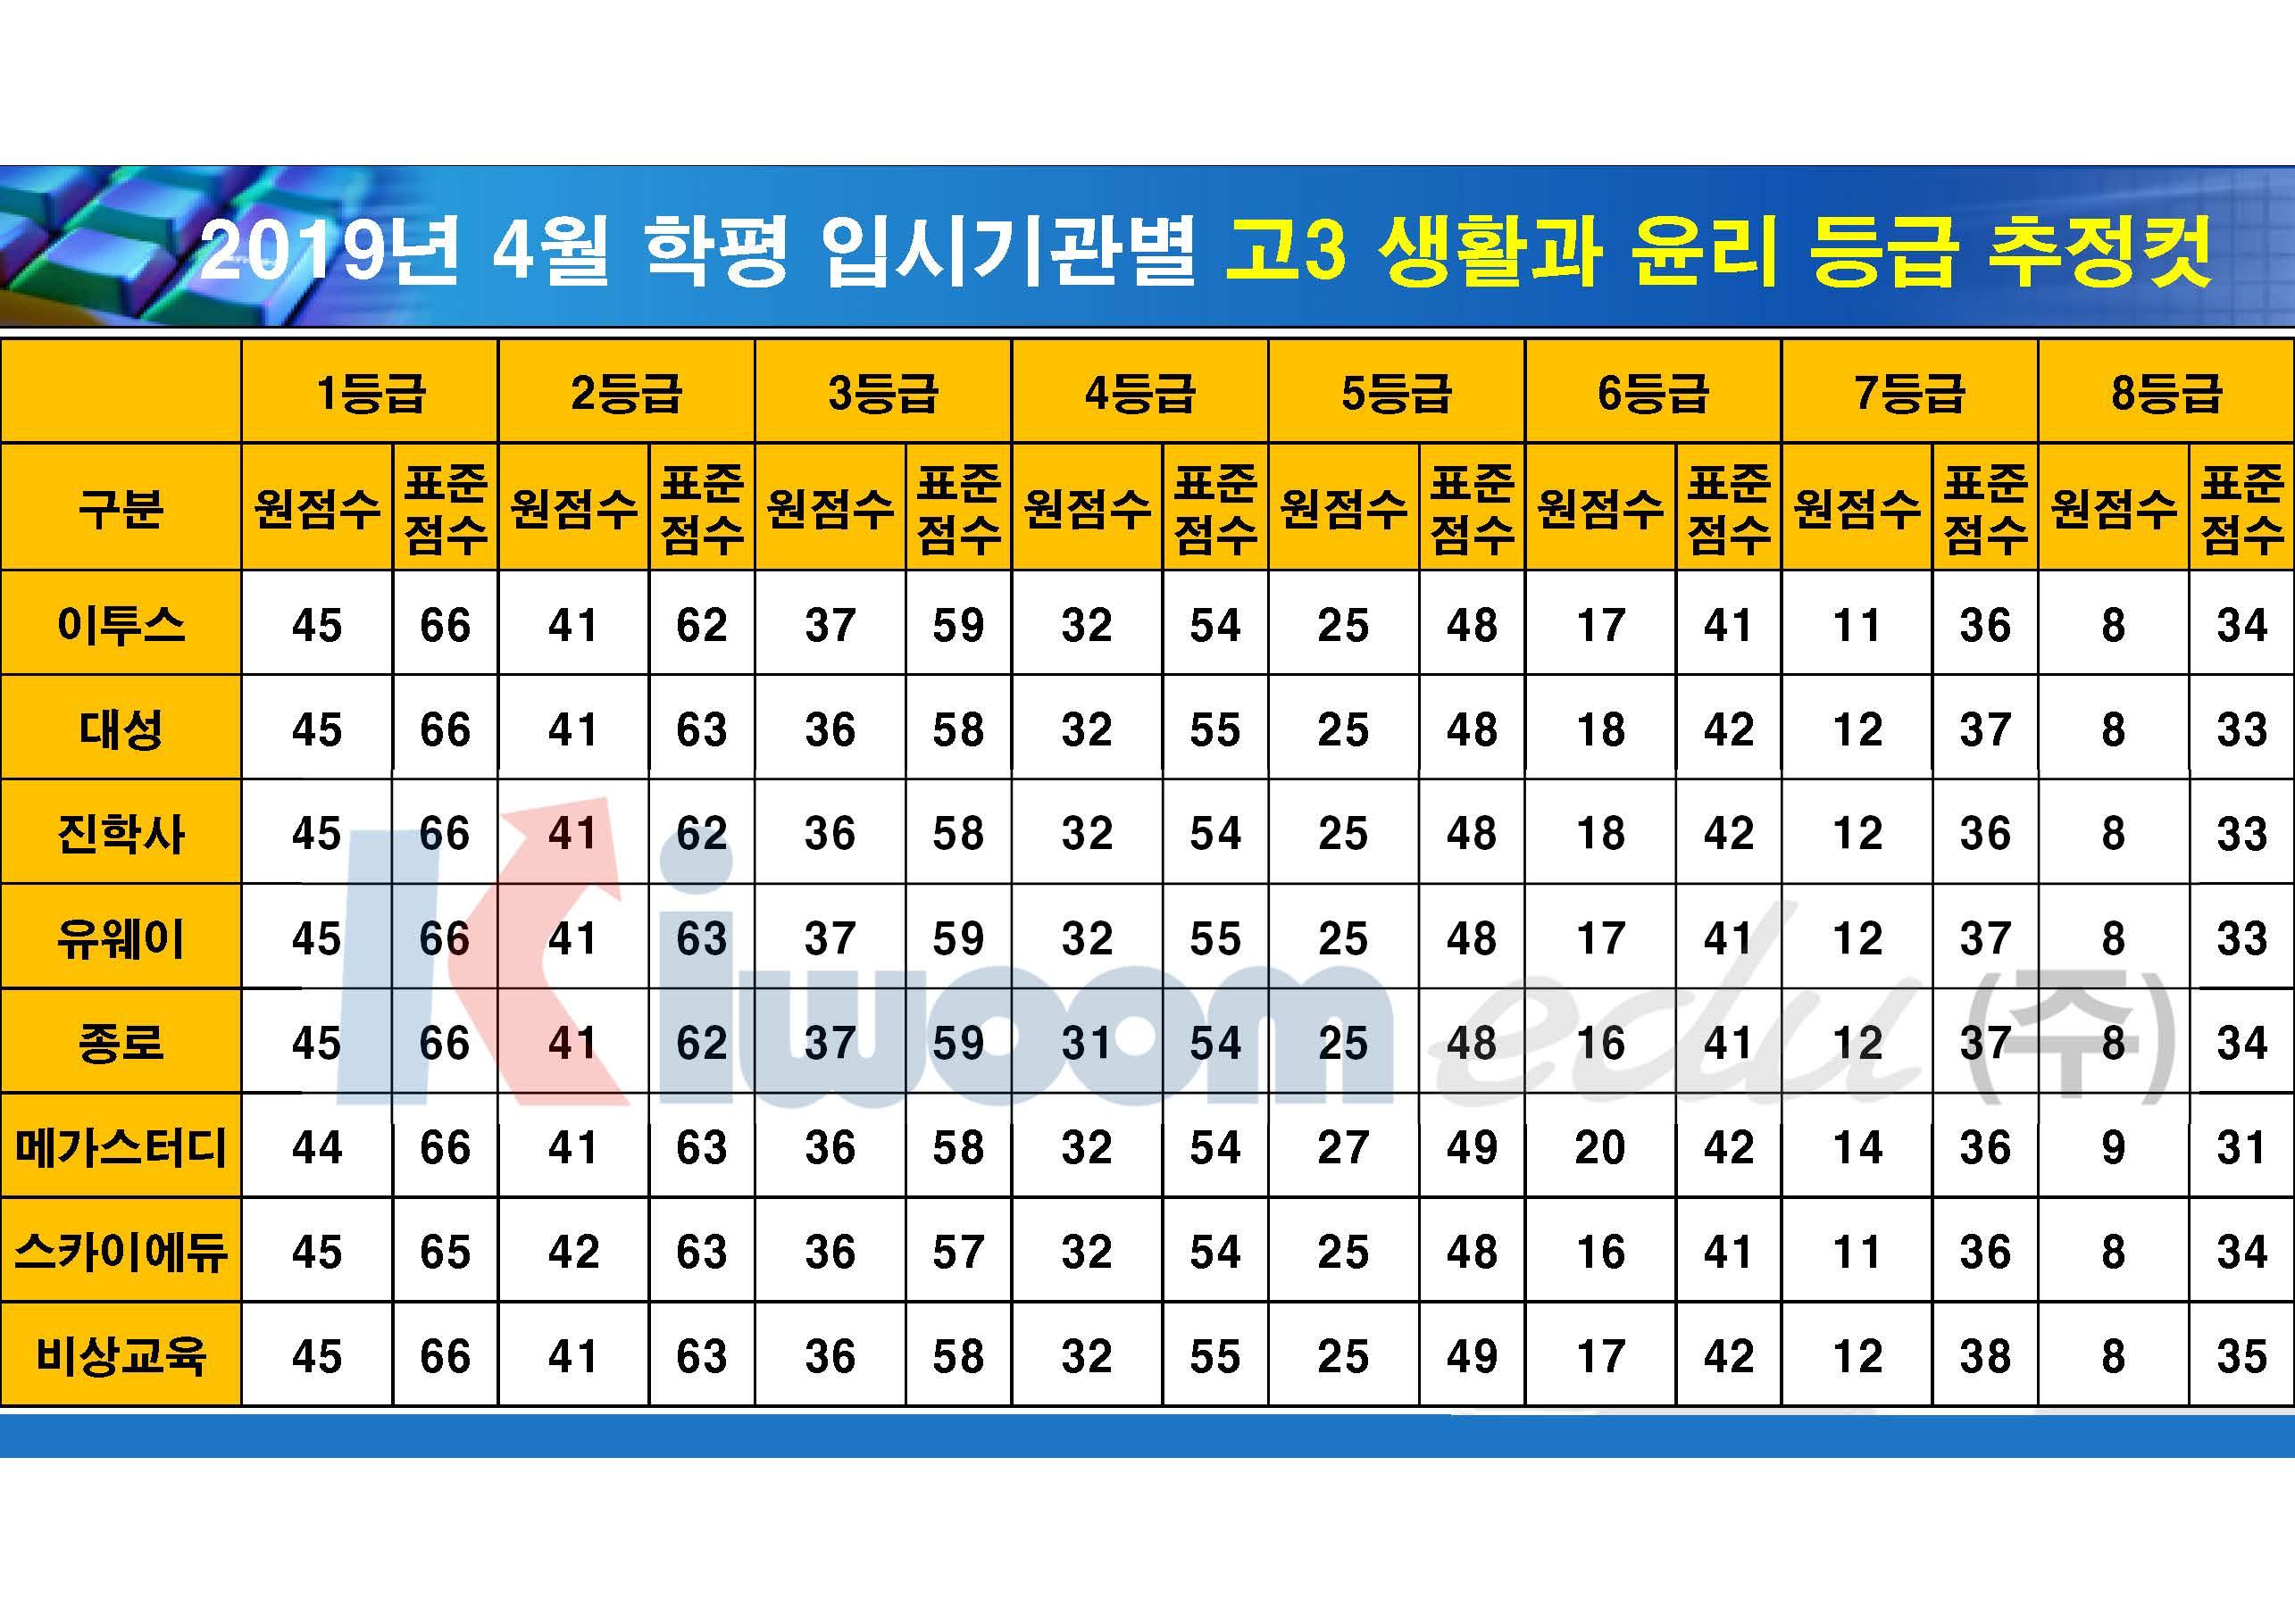 2019 4월 모의고사 입시기관별 등급컷(고3)_20190411_안지훈#2_Page_06.jpg